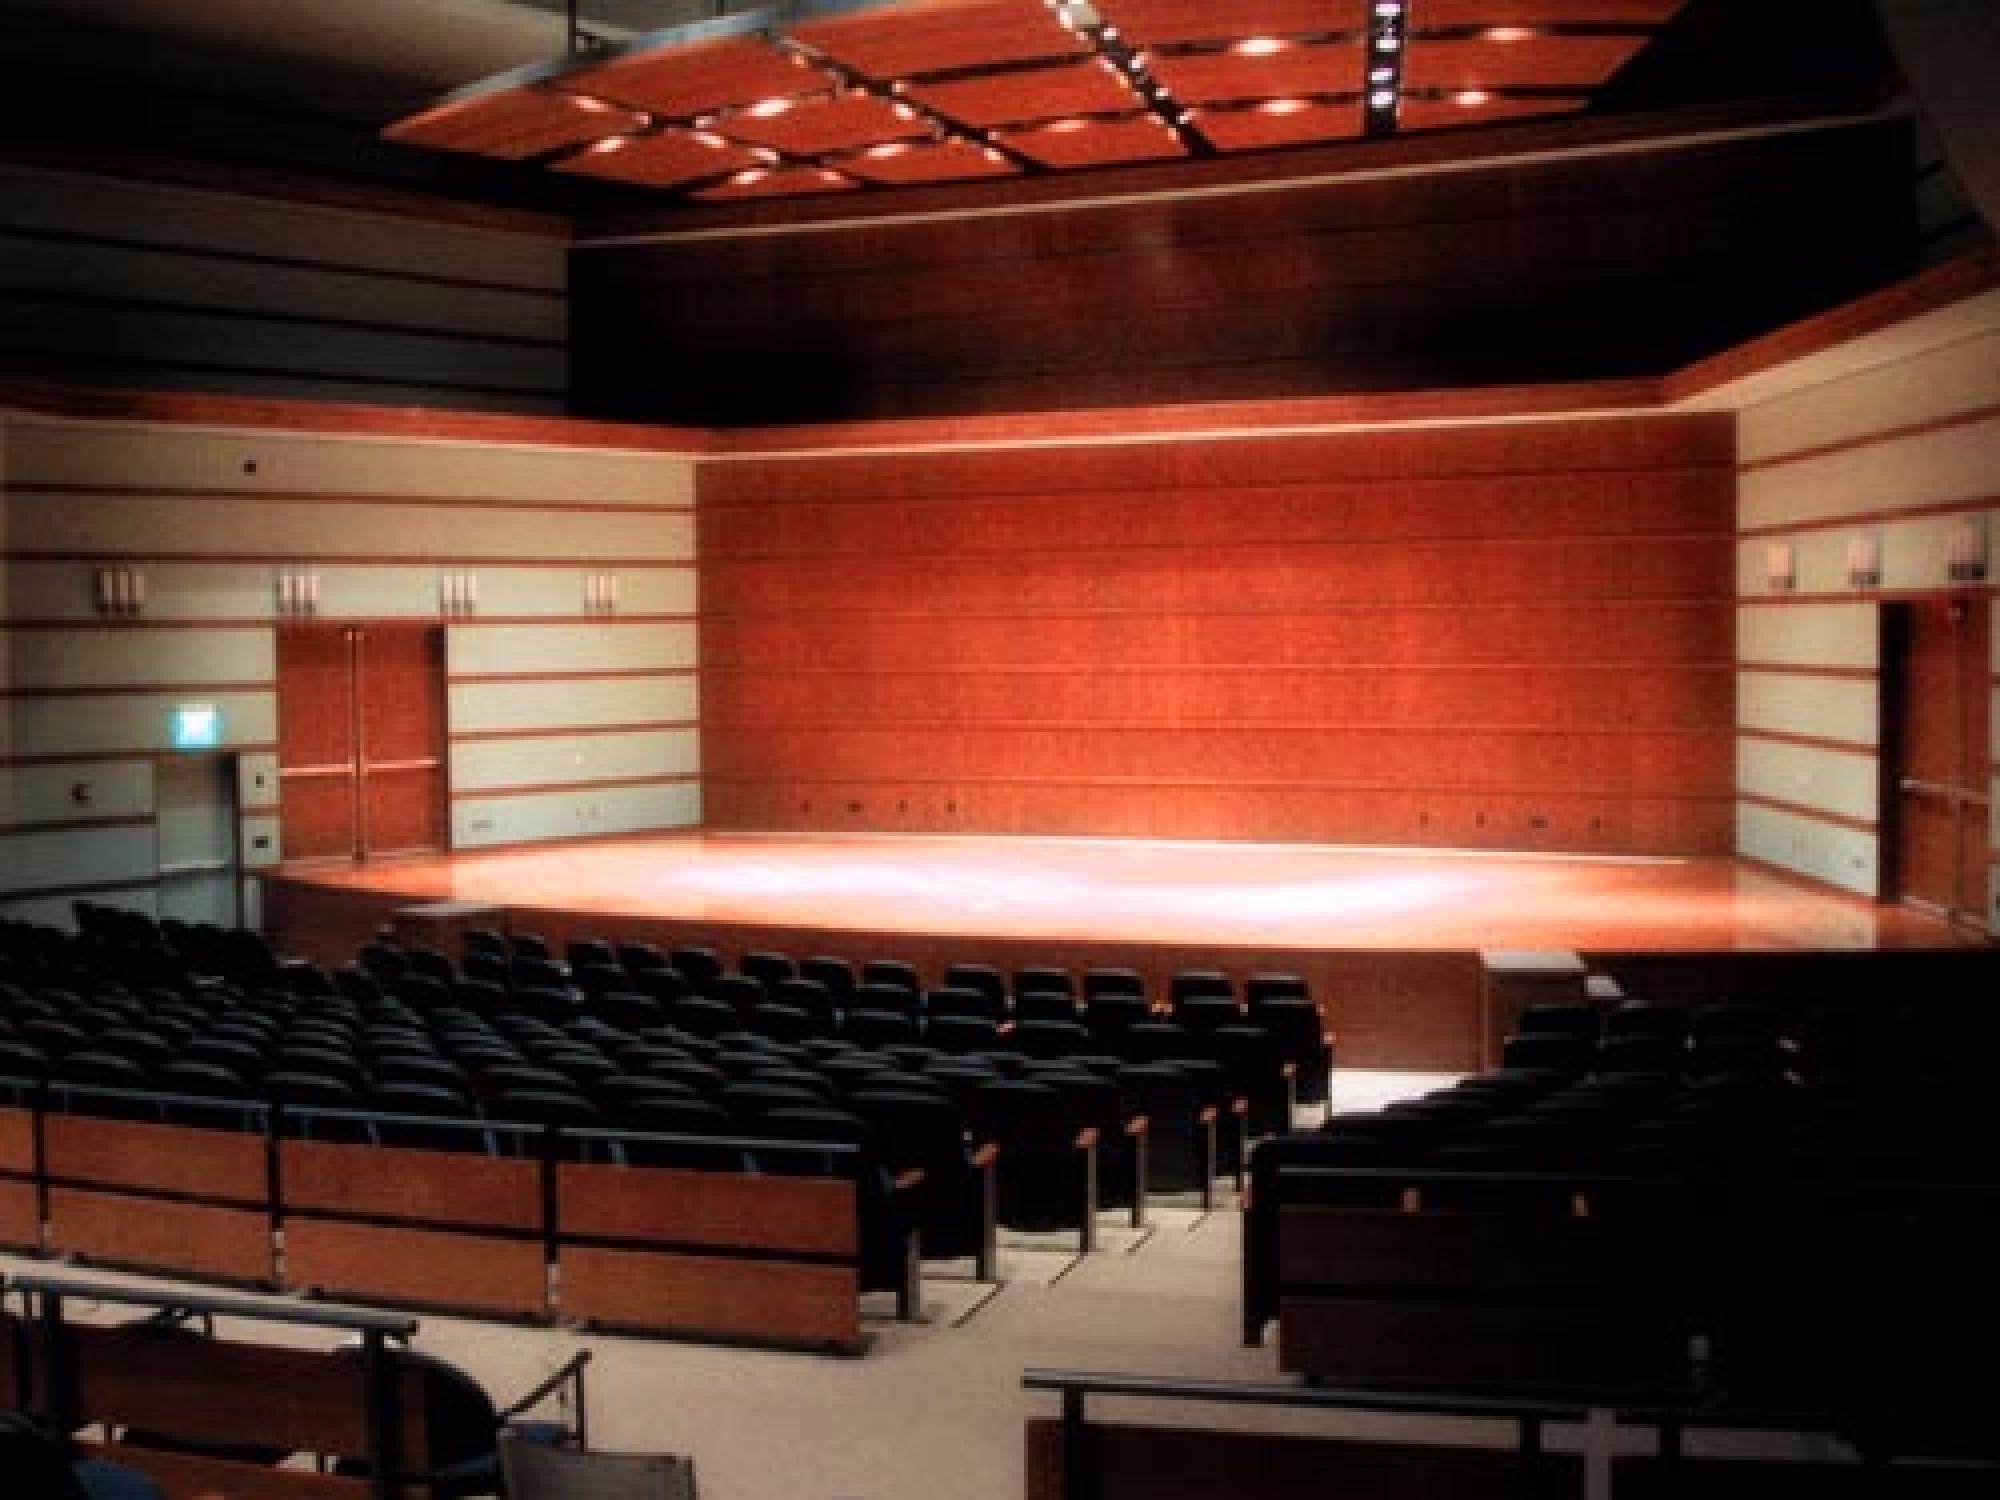 Sebring-Lewis Hall